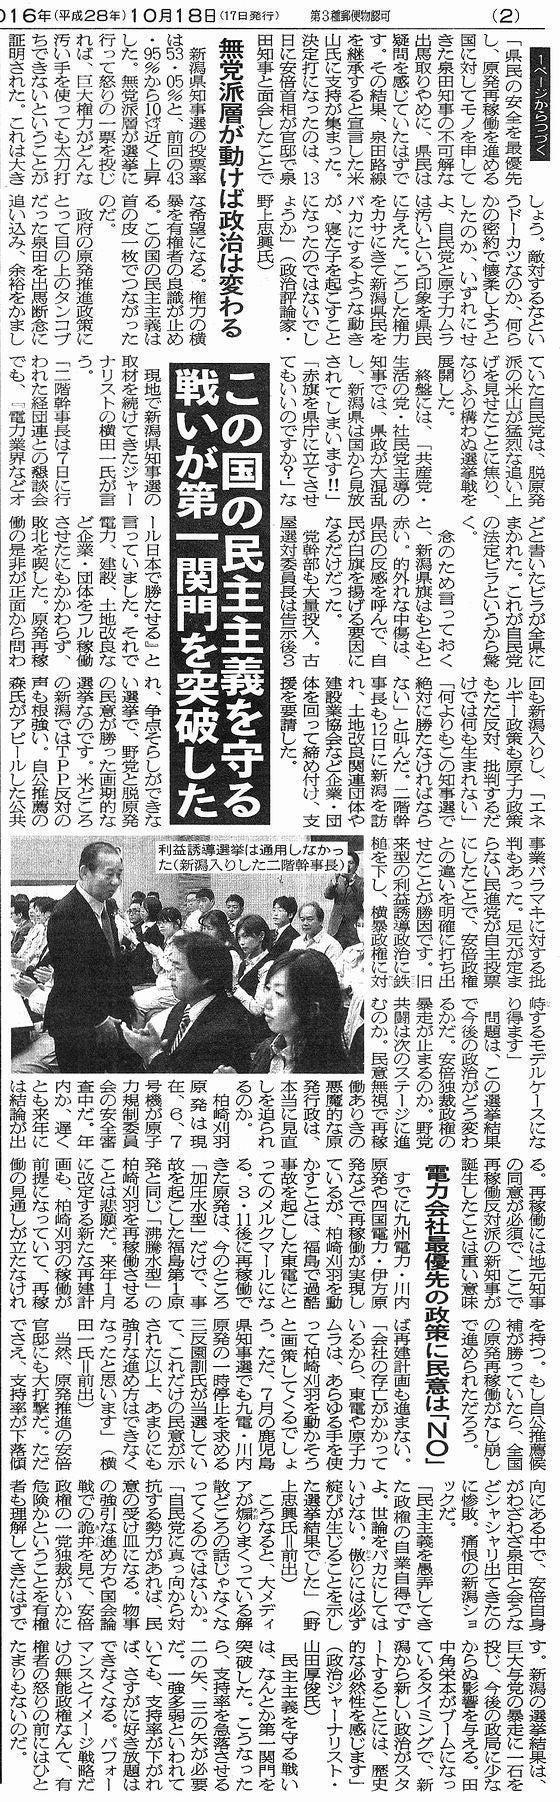 新潟県知事選安倍内閣の原発政策と謀略に有権者_2